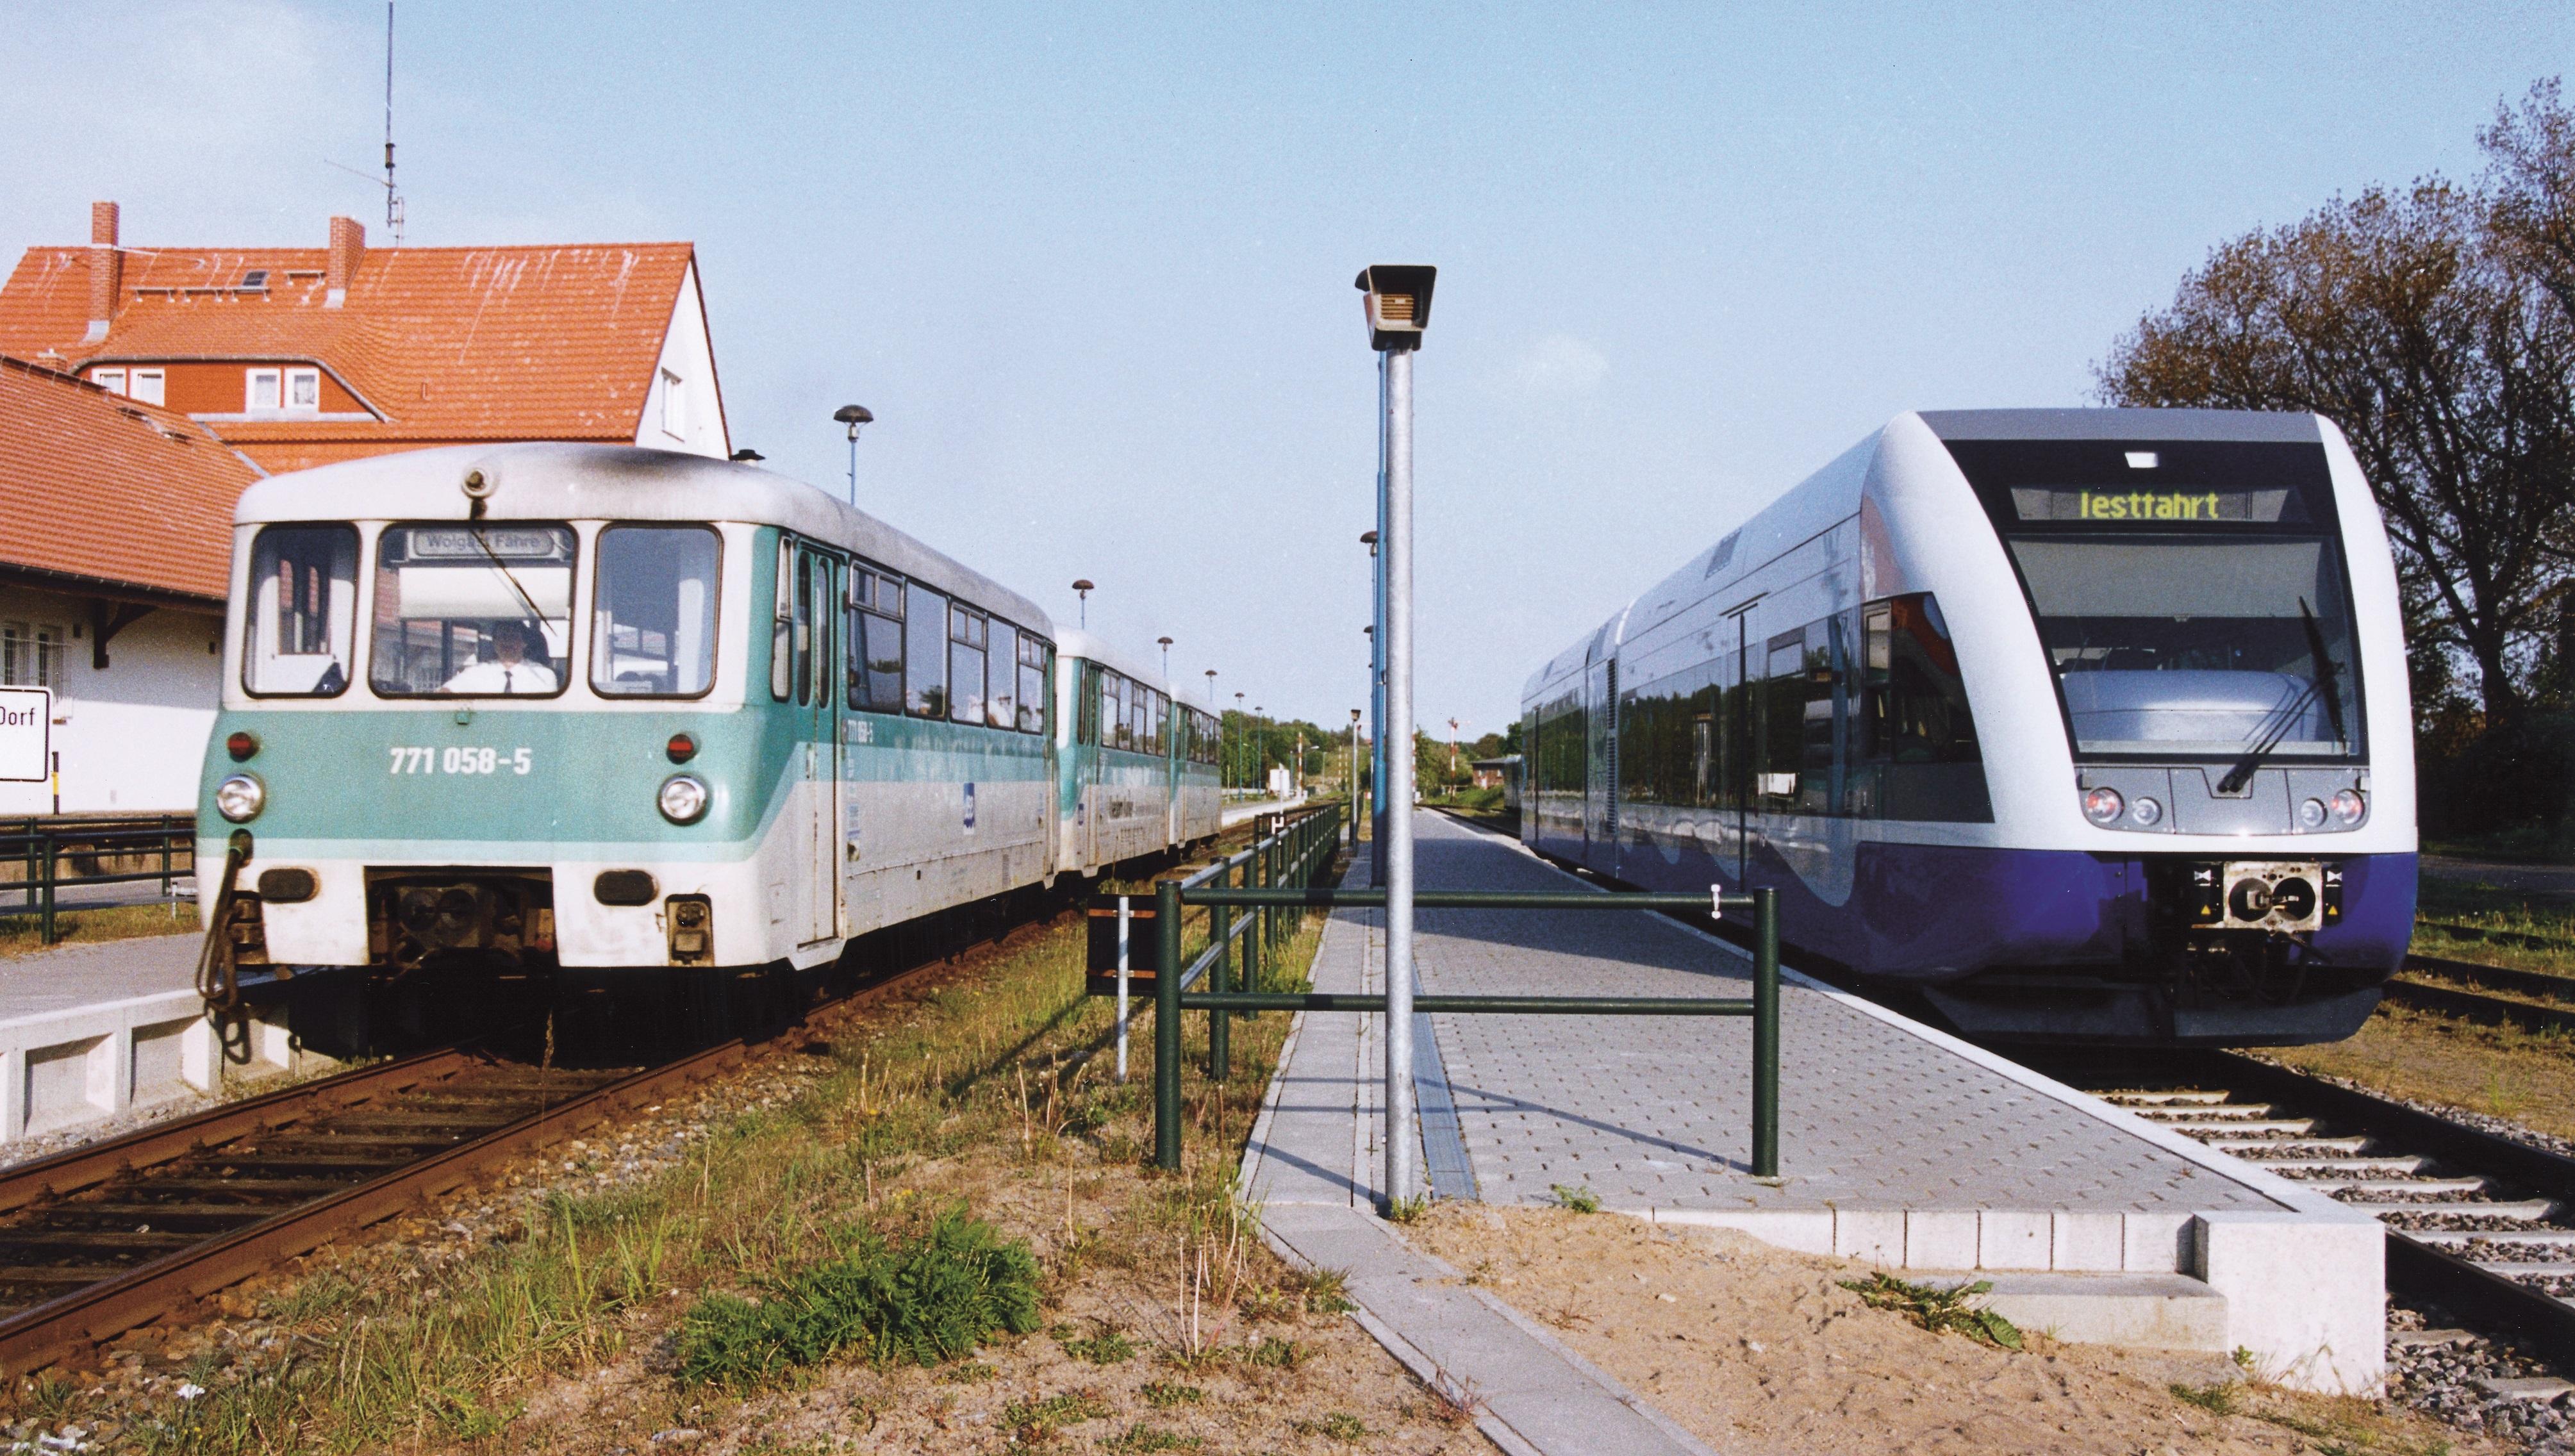 Zwei Züge stehen am Bahnhof in Zinnowitz